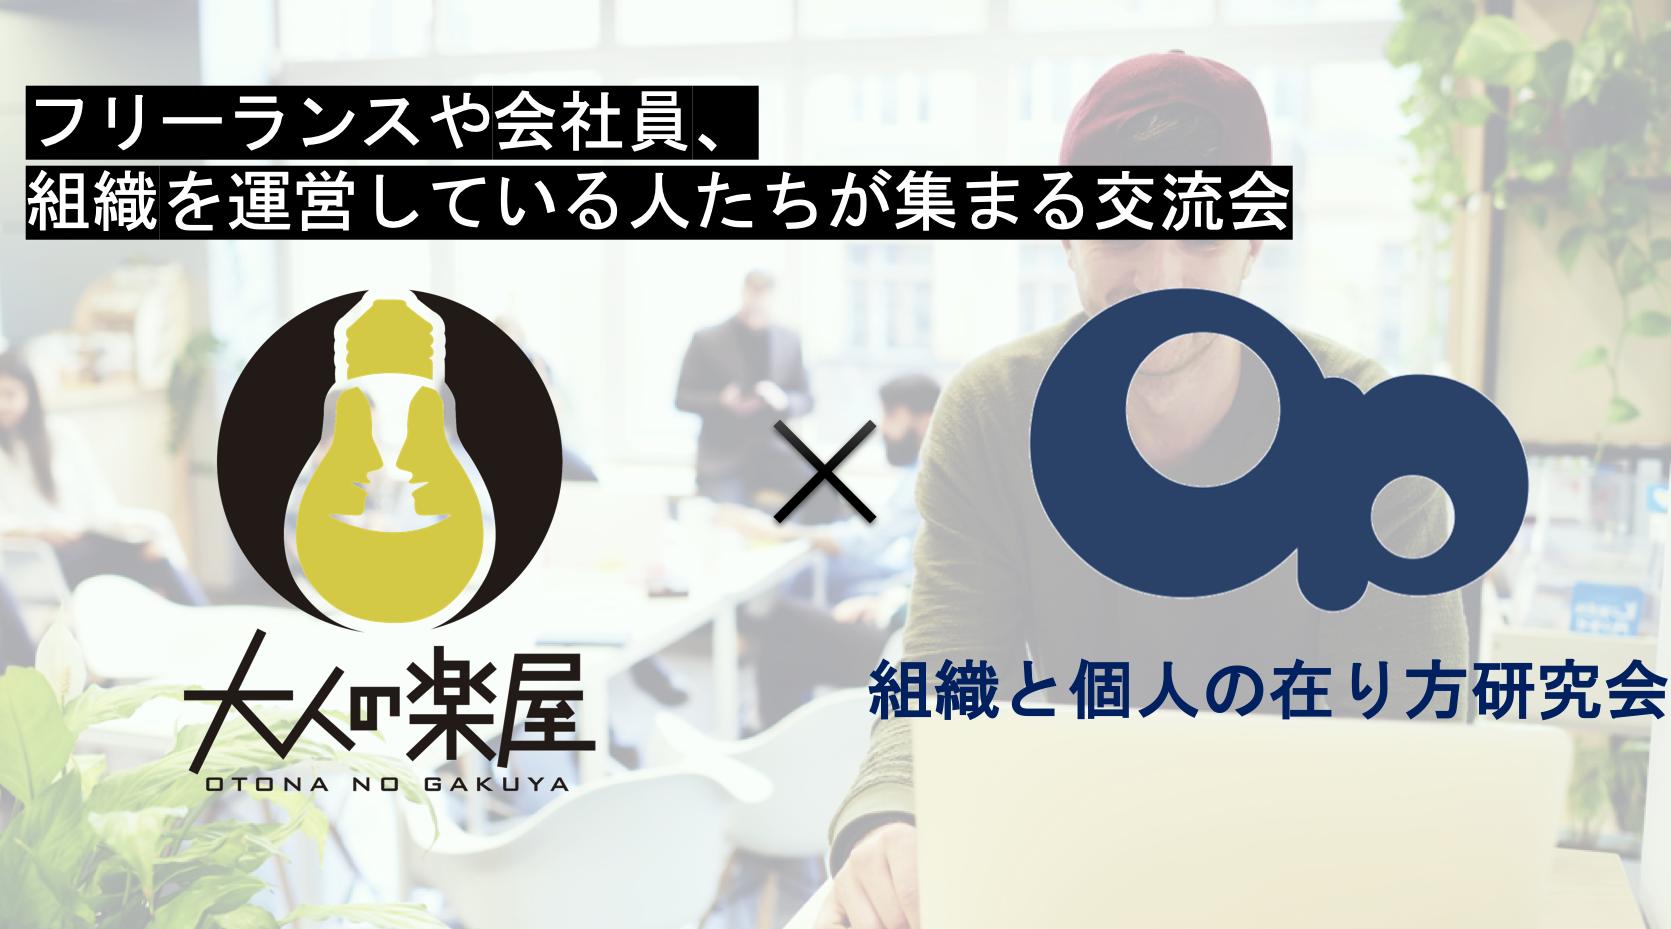 12/7(土)フリーランスや実業家と語り合うイベントを開催【定員50名】